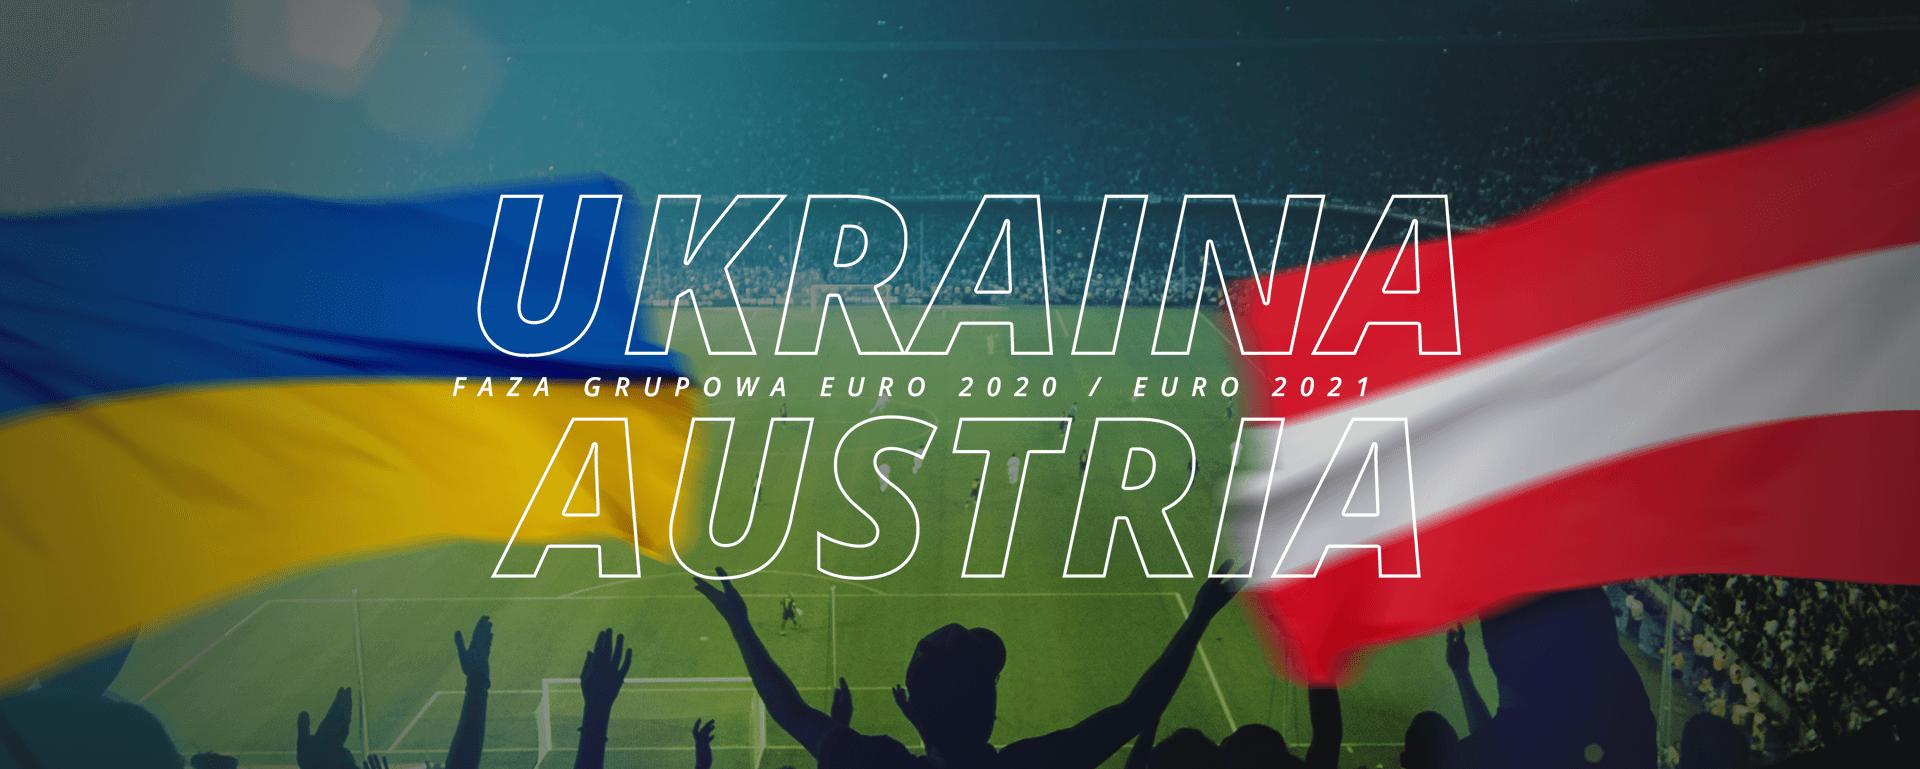 Ukraina – Austria | faza grupowa Euro 2020 / Euro 2021